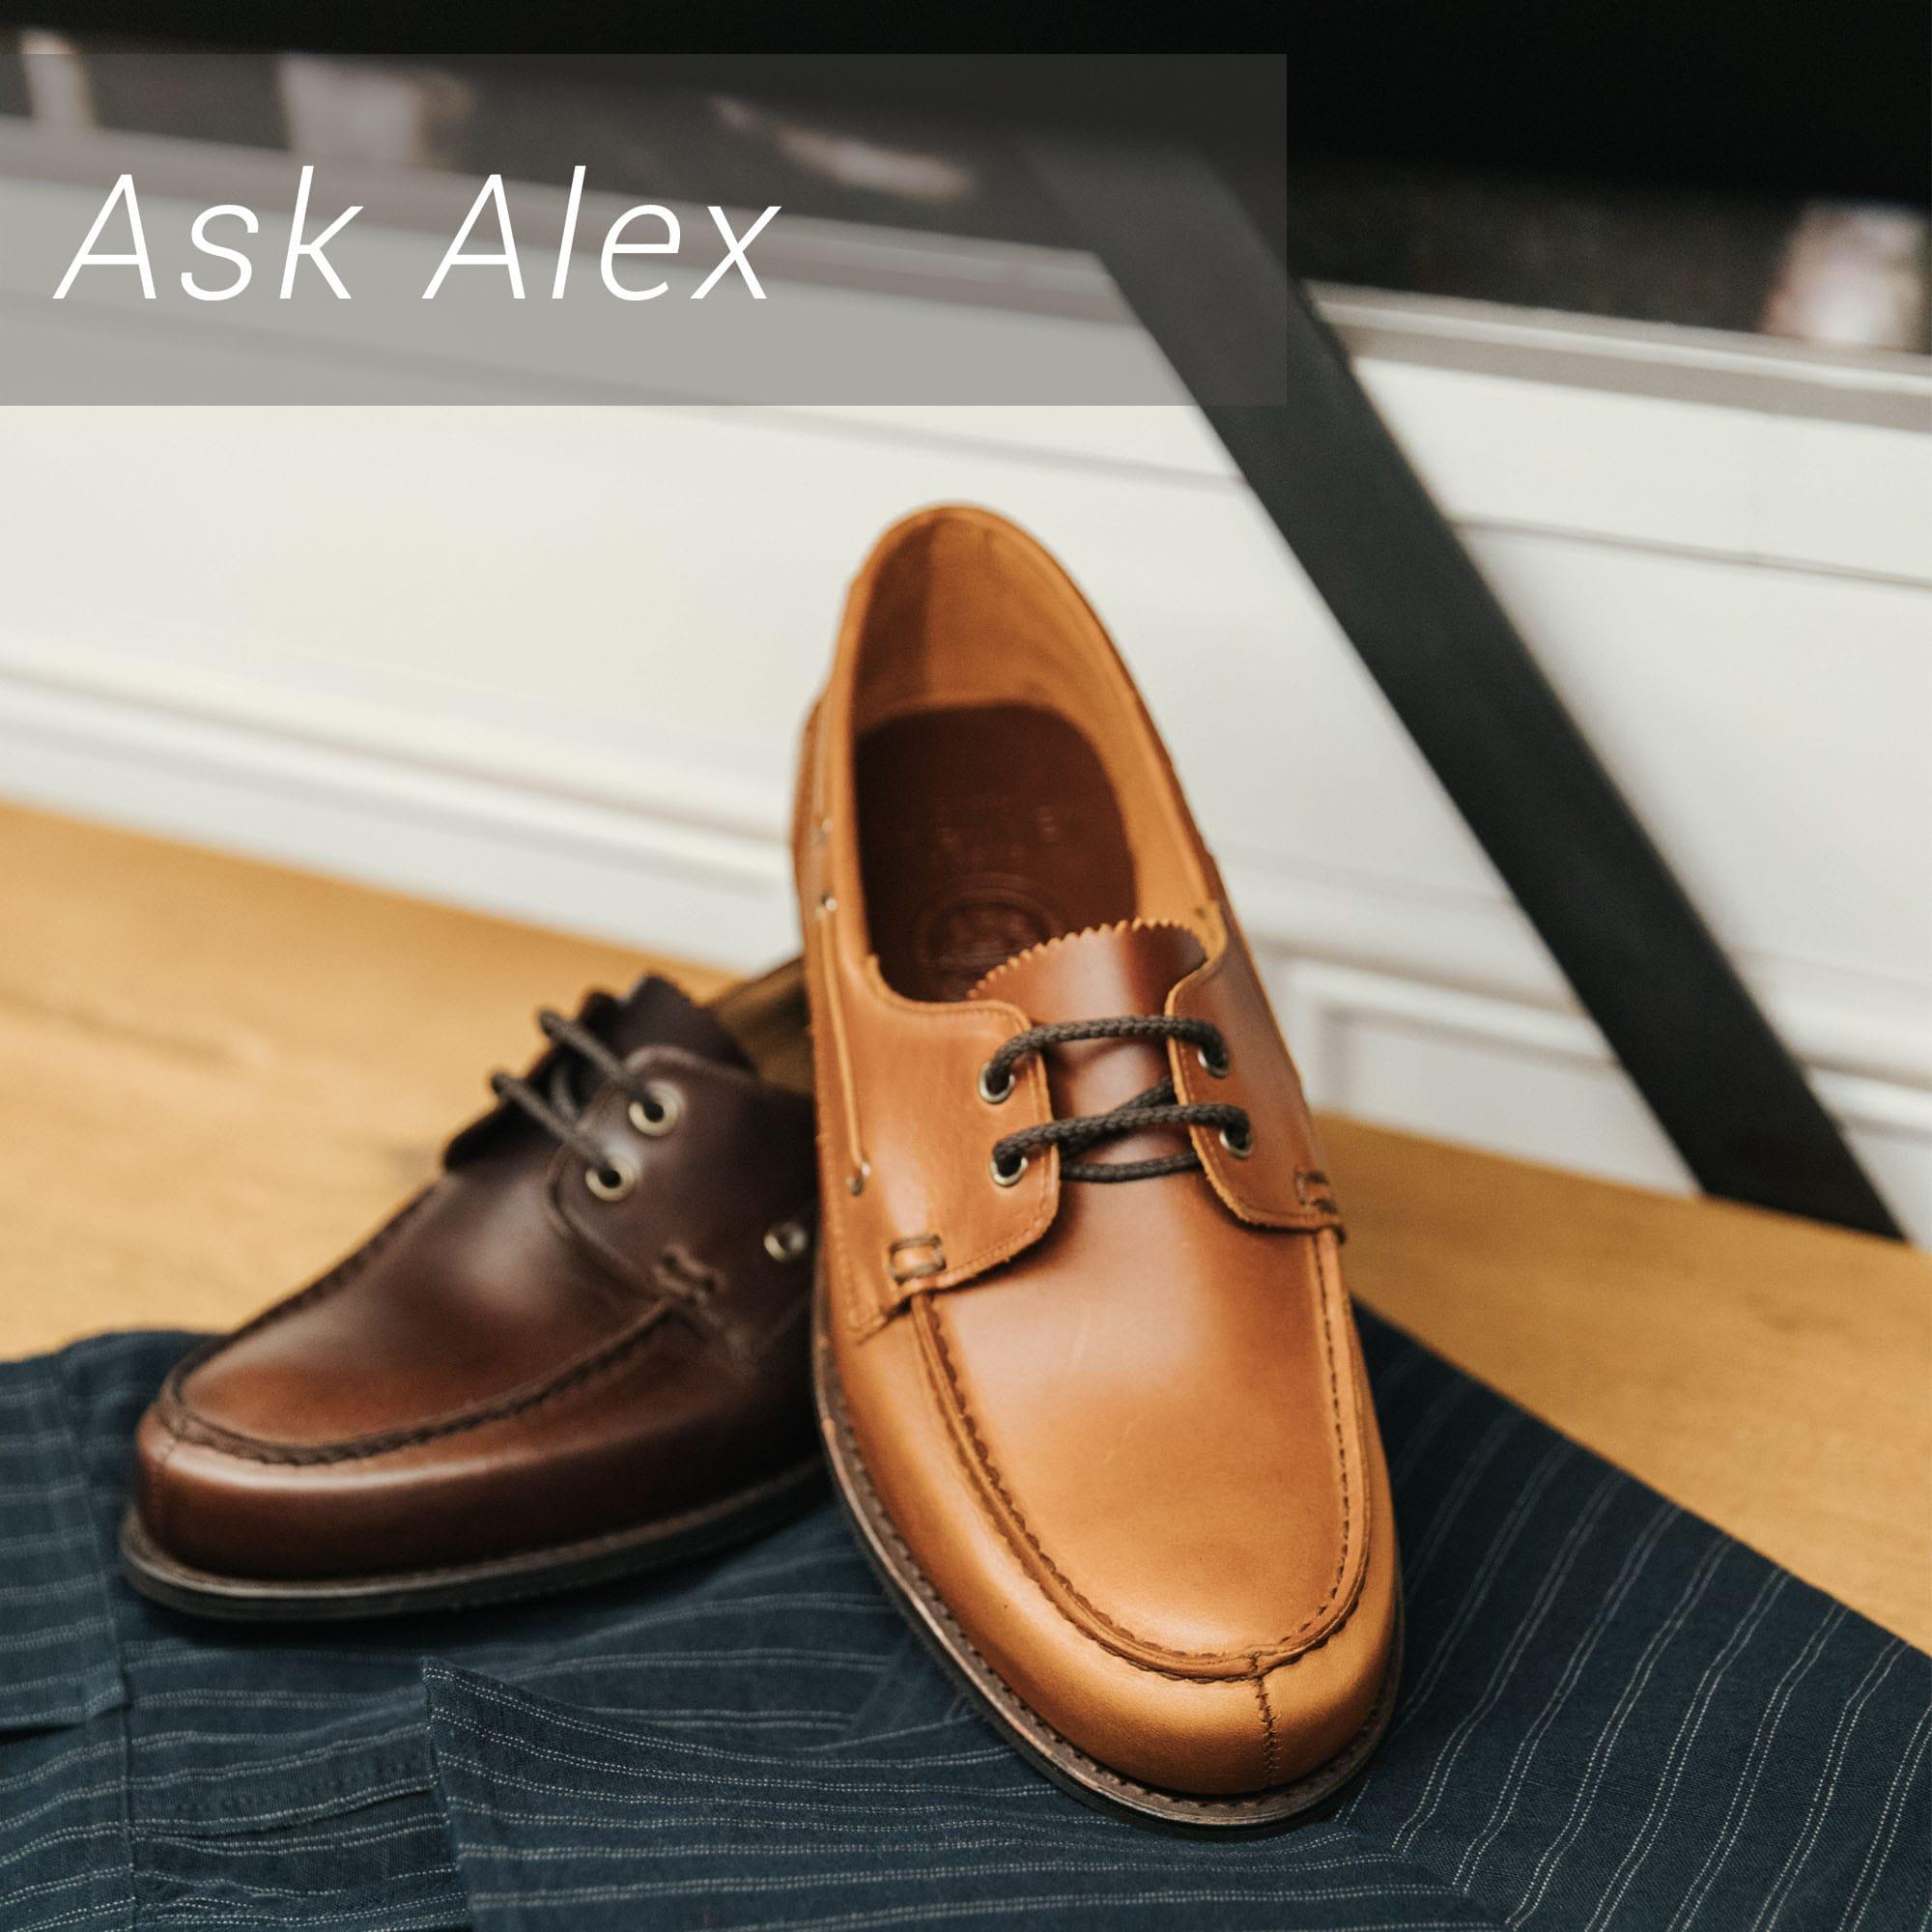 Ask Alex: Top 6 Essential Men's Footwear Styles